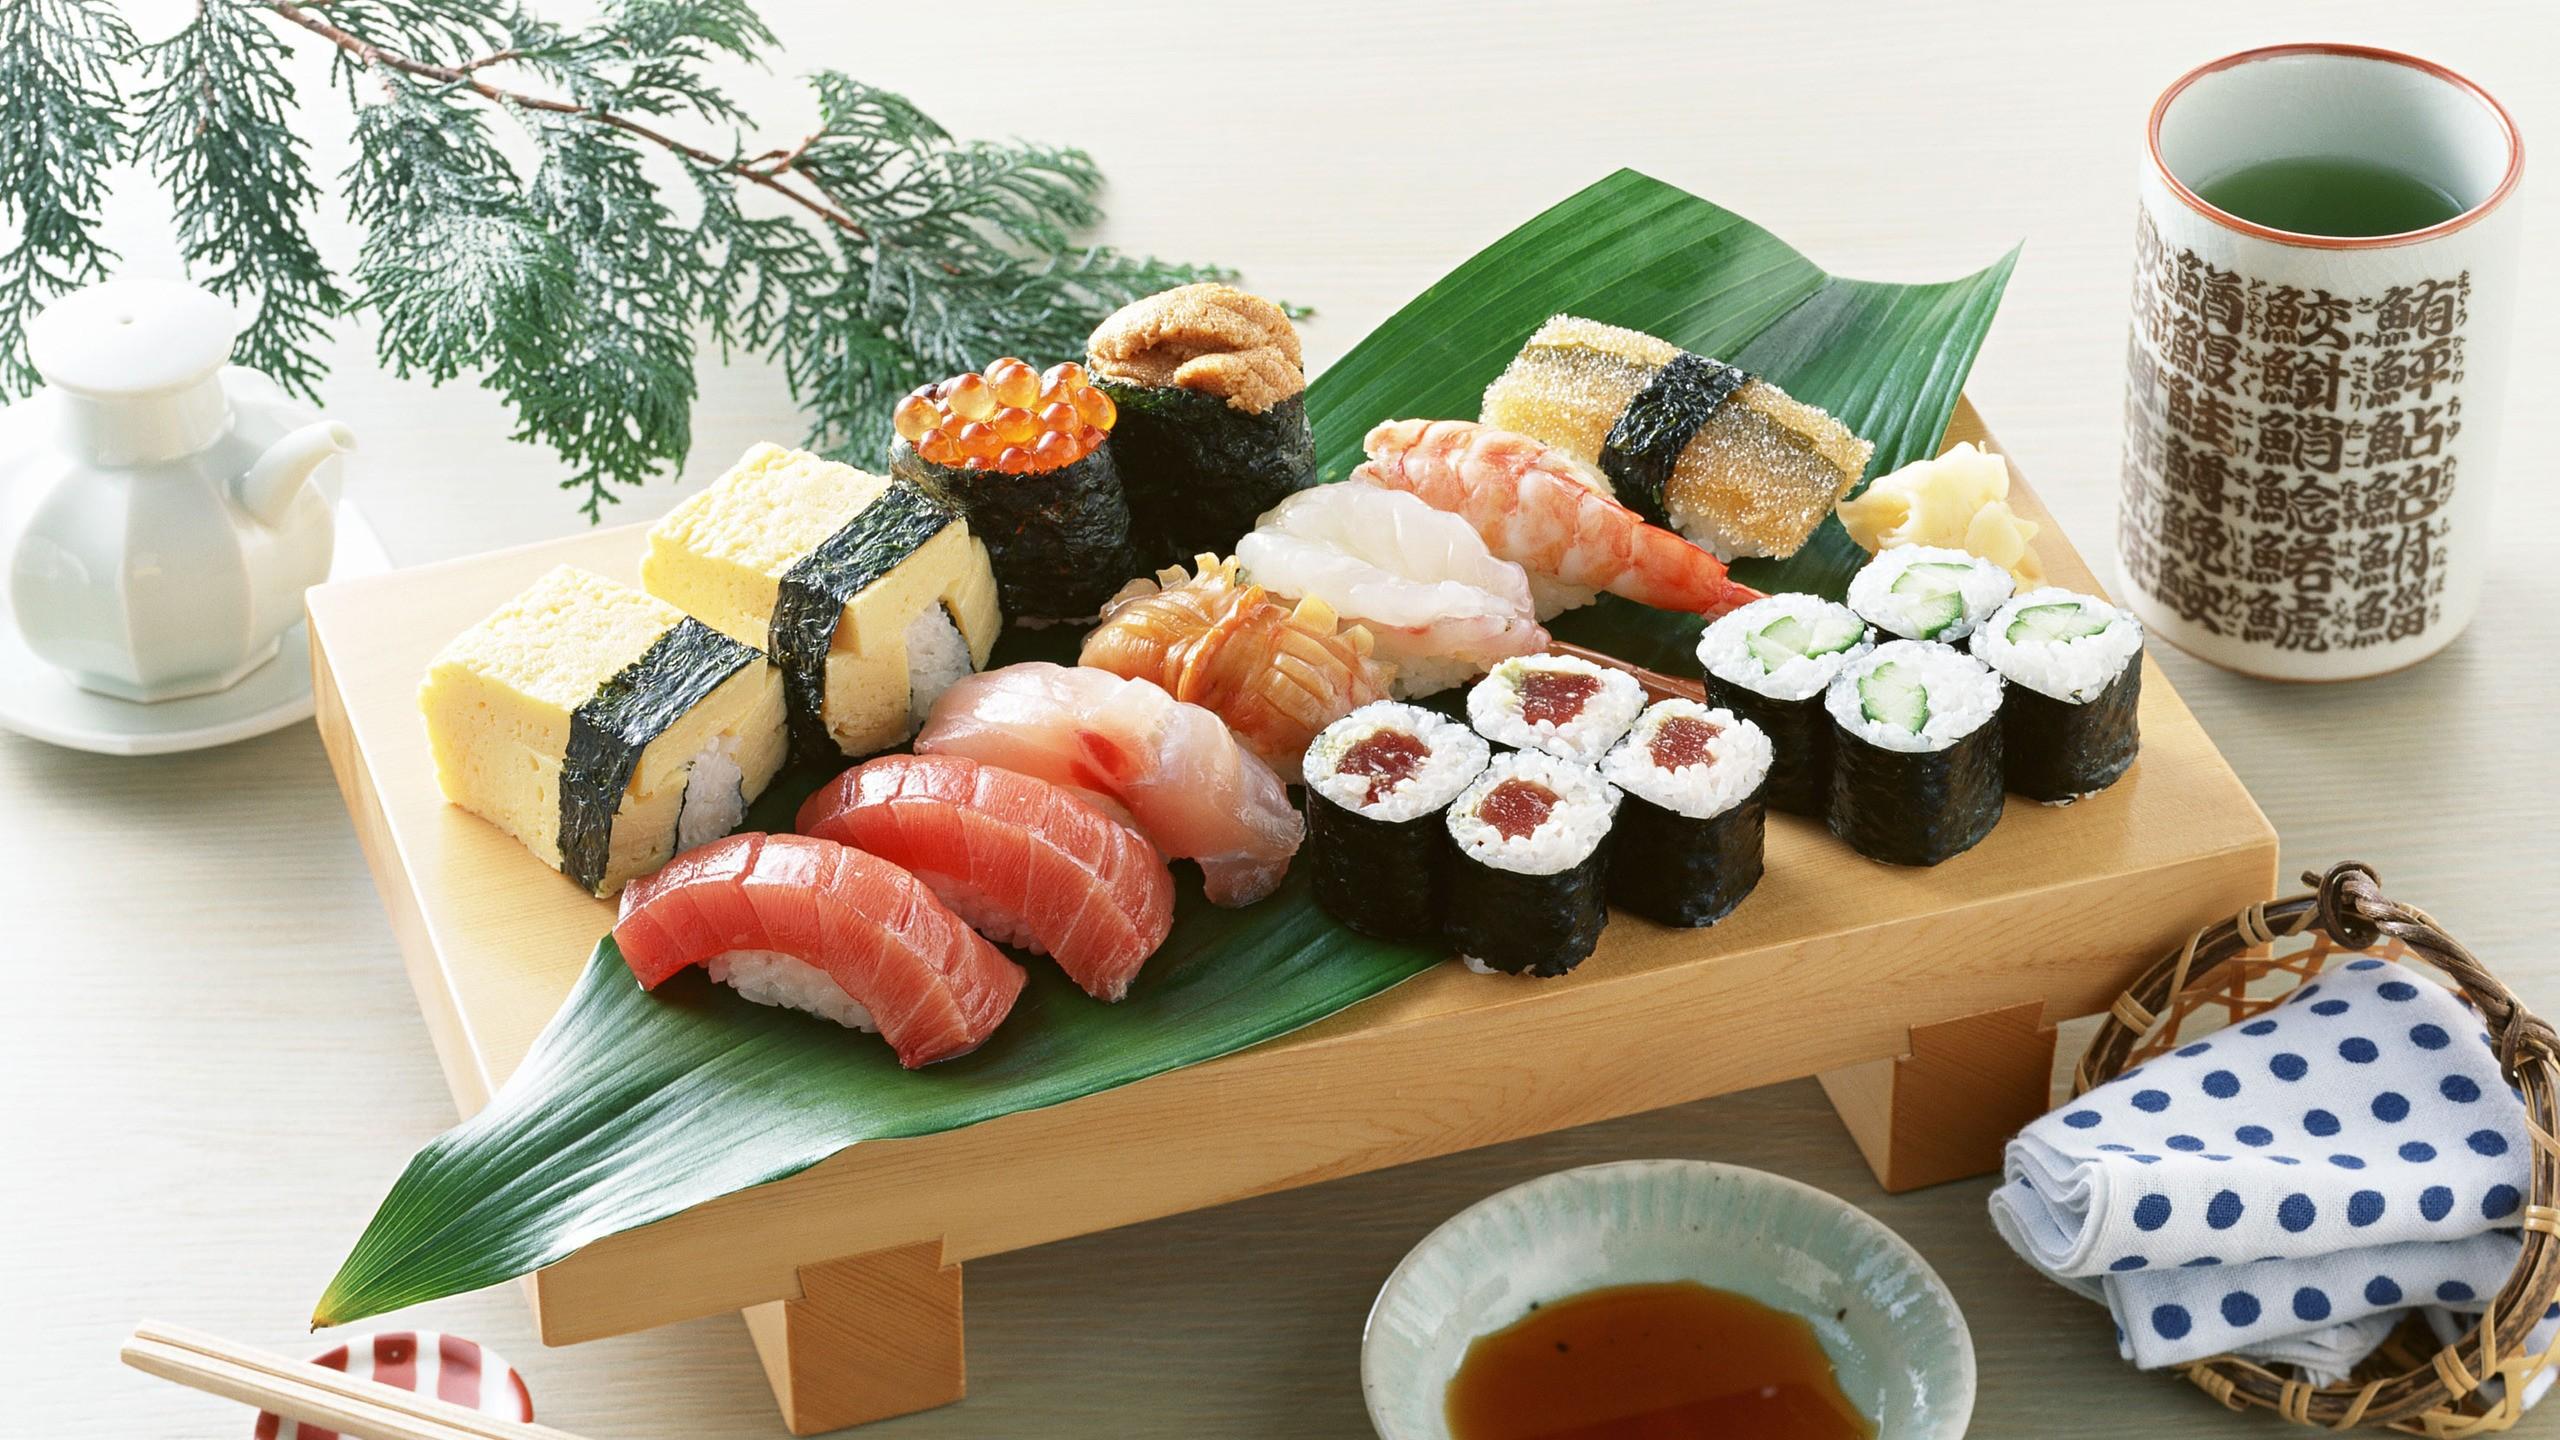 подтвердил японская кухня с картинками можно его